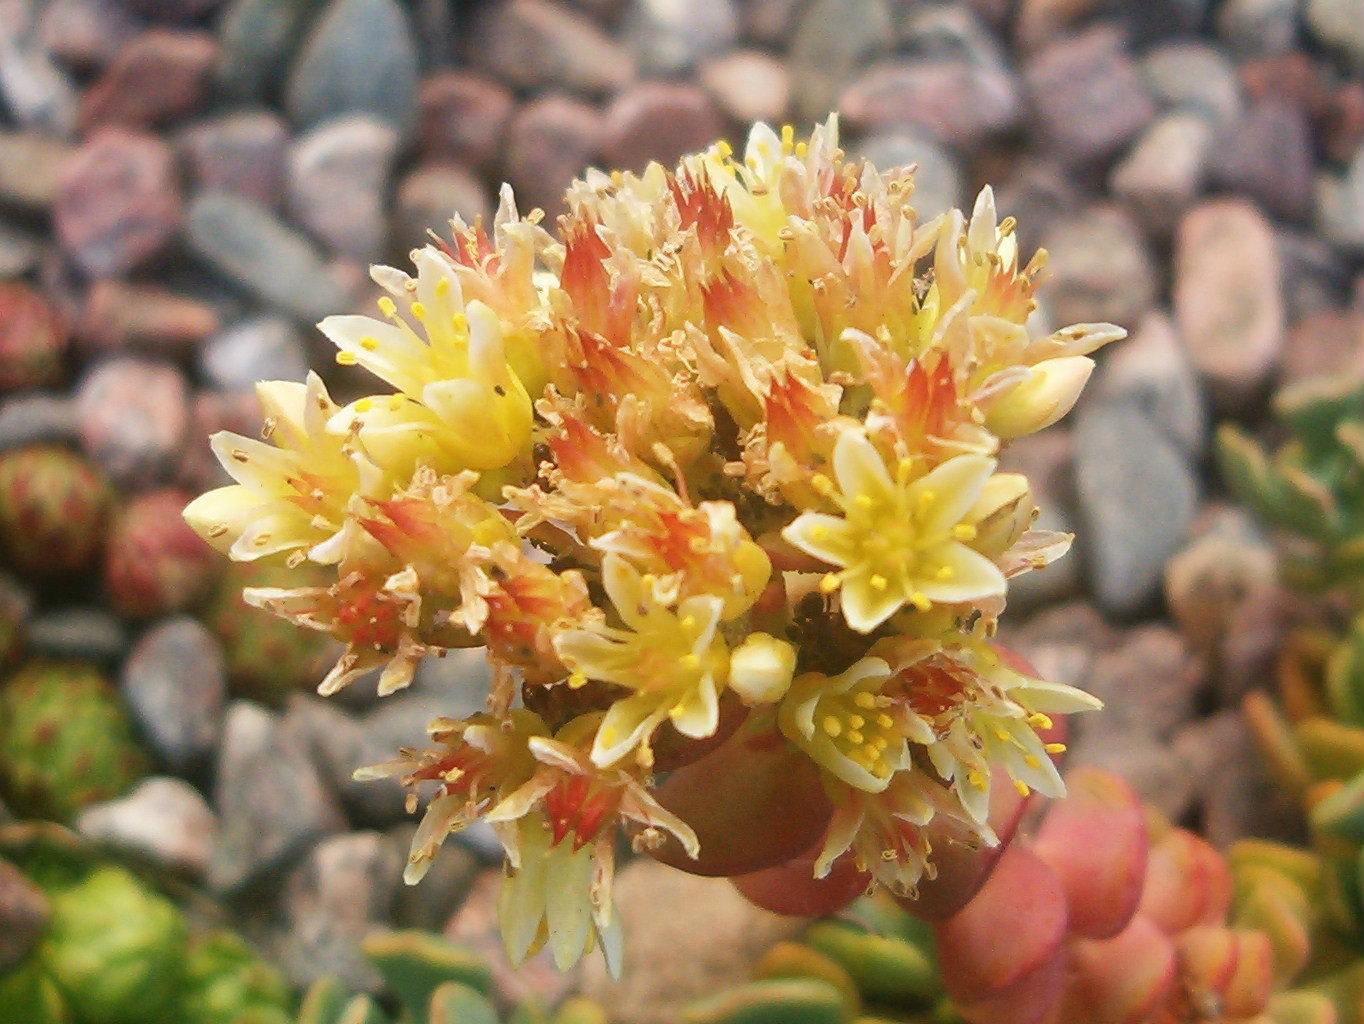 Sedum laxum (blommor) 570.1